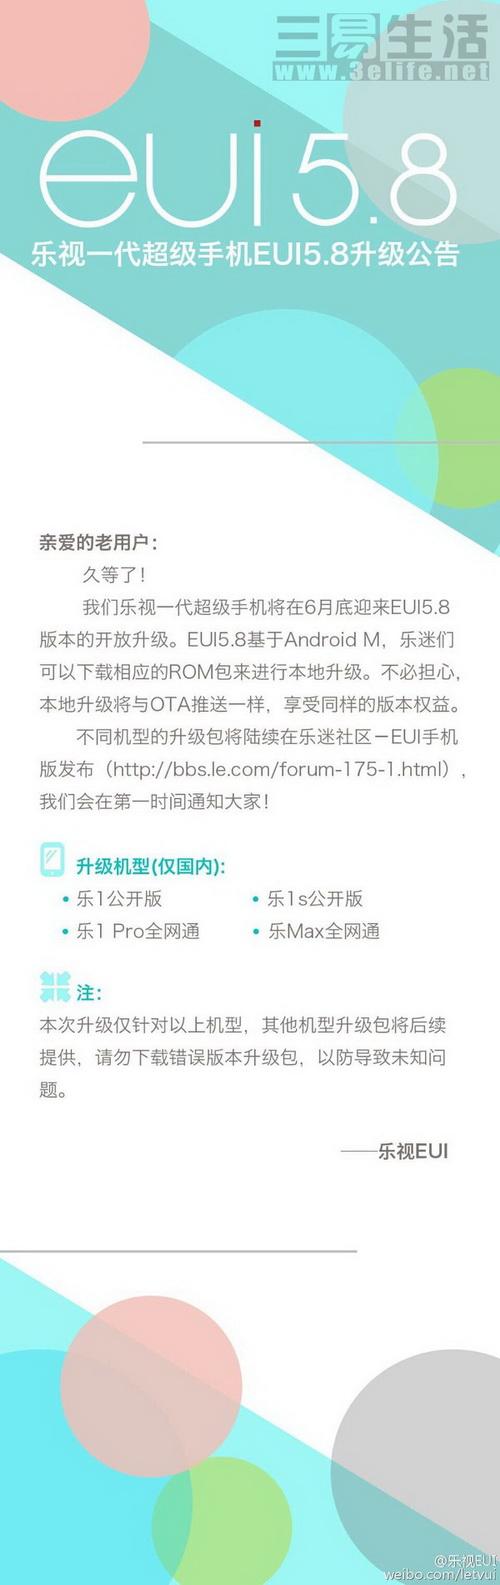 乐视发致歉信:eui5.8因严重ug无法推送